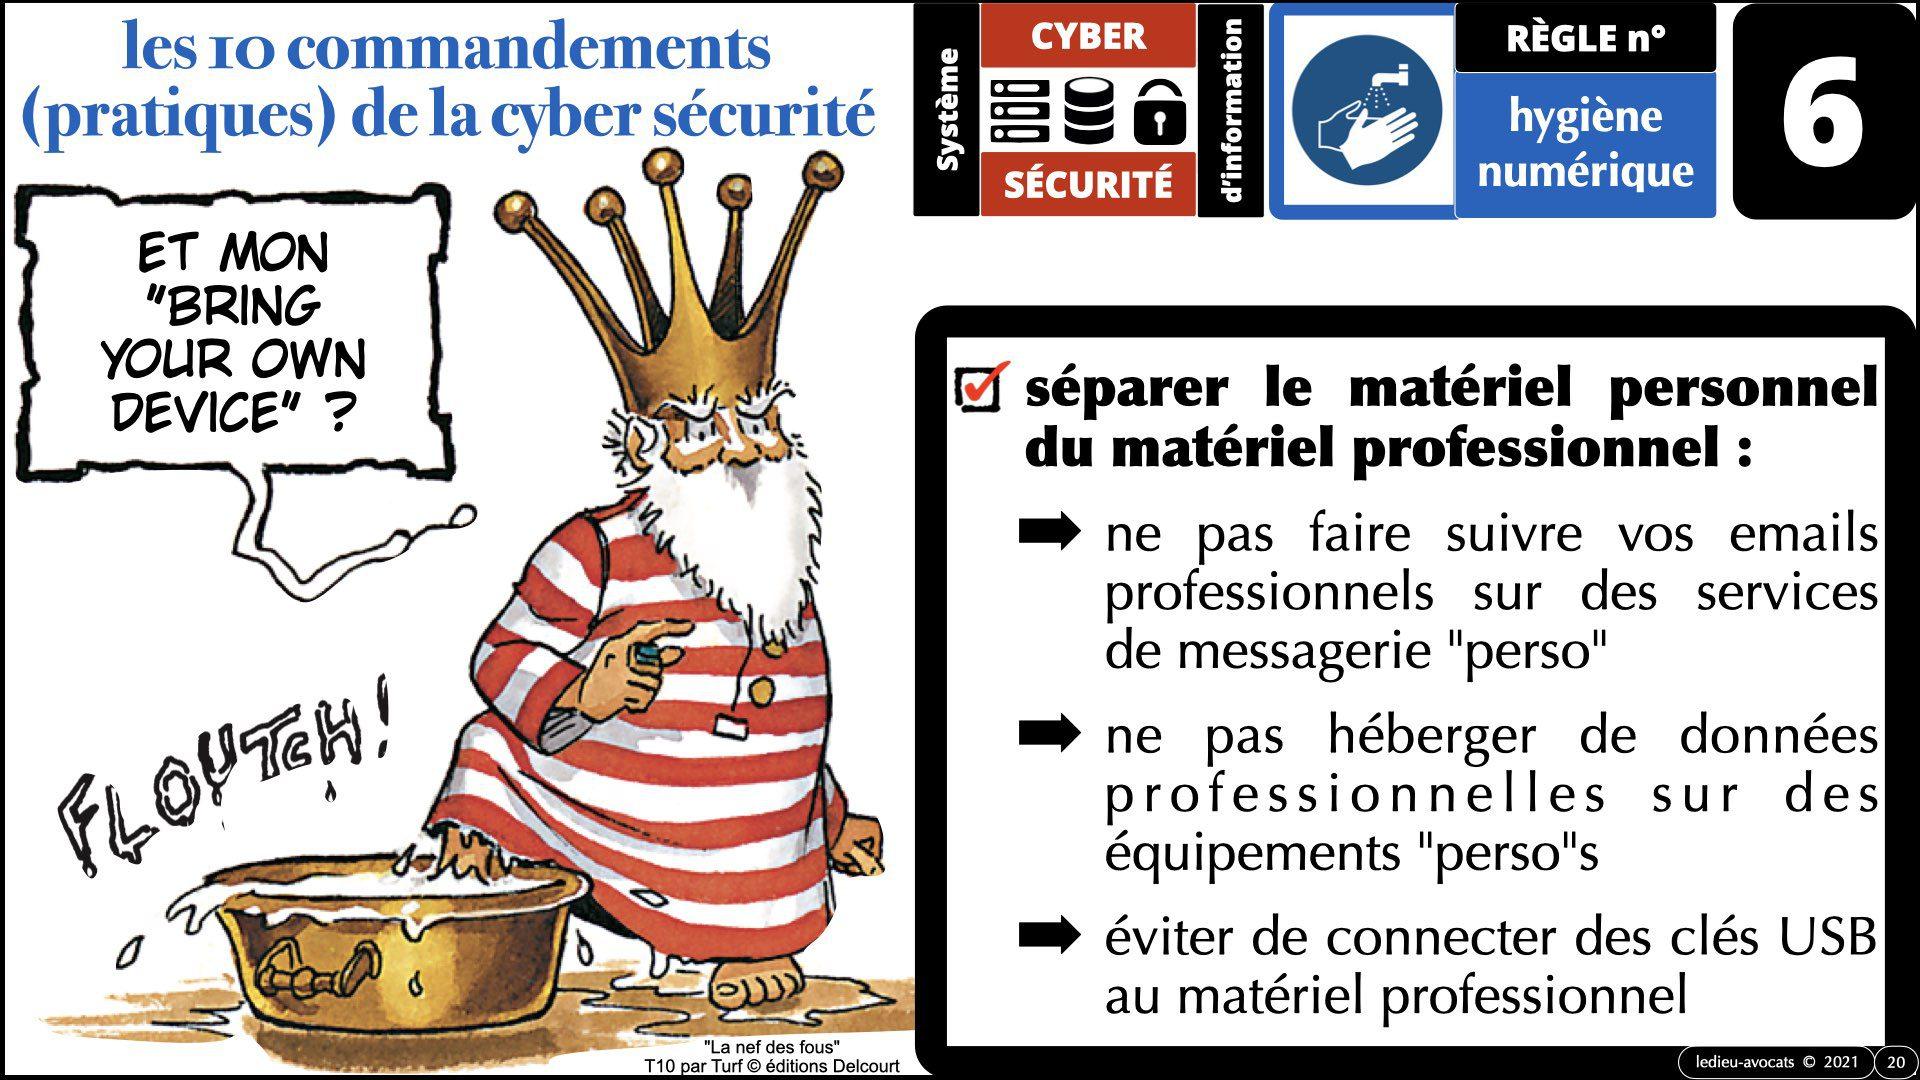 345 10 commandements hygiène numérique © Ledieu-Avocats technique droit numérique 07-09-2021.020